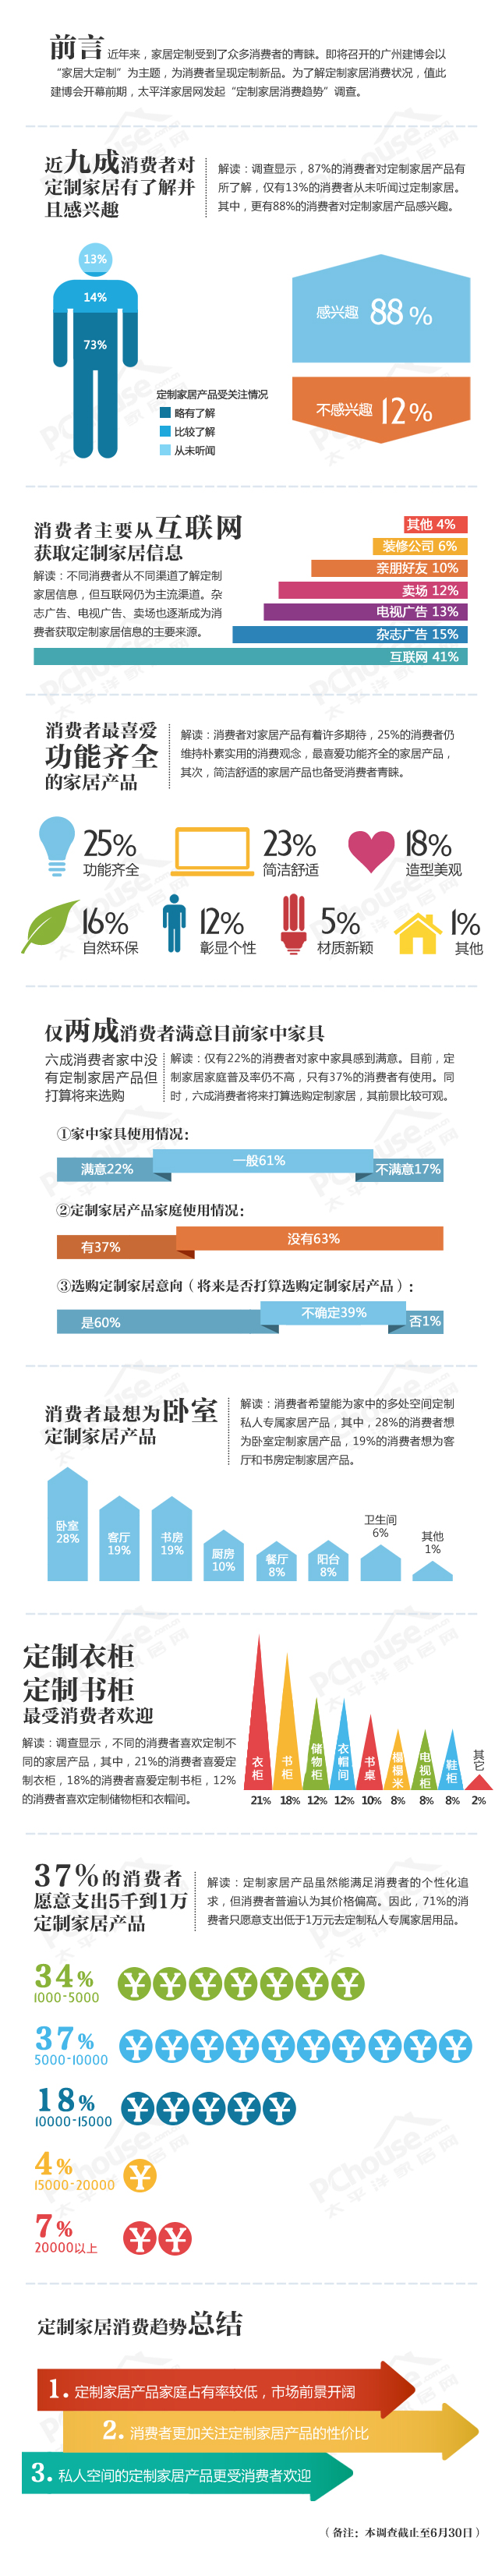 定制家居消费趋势调查